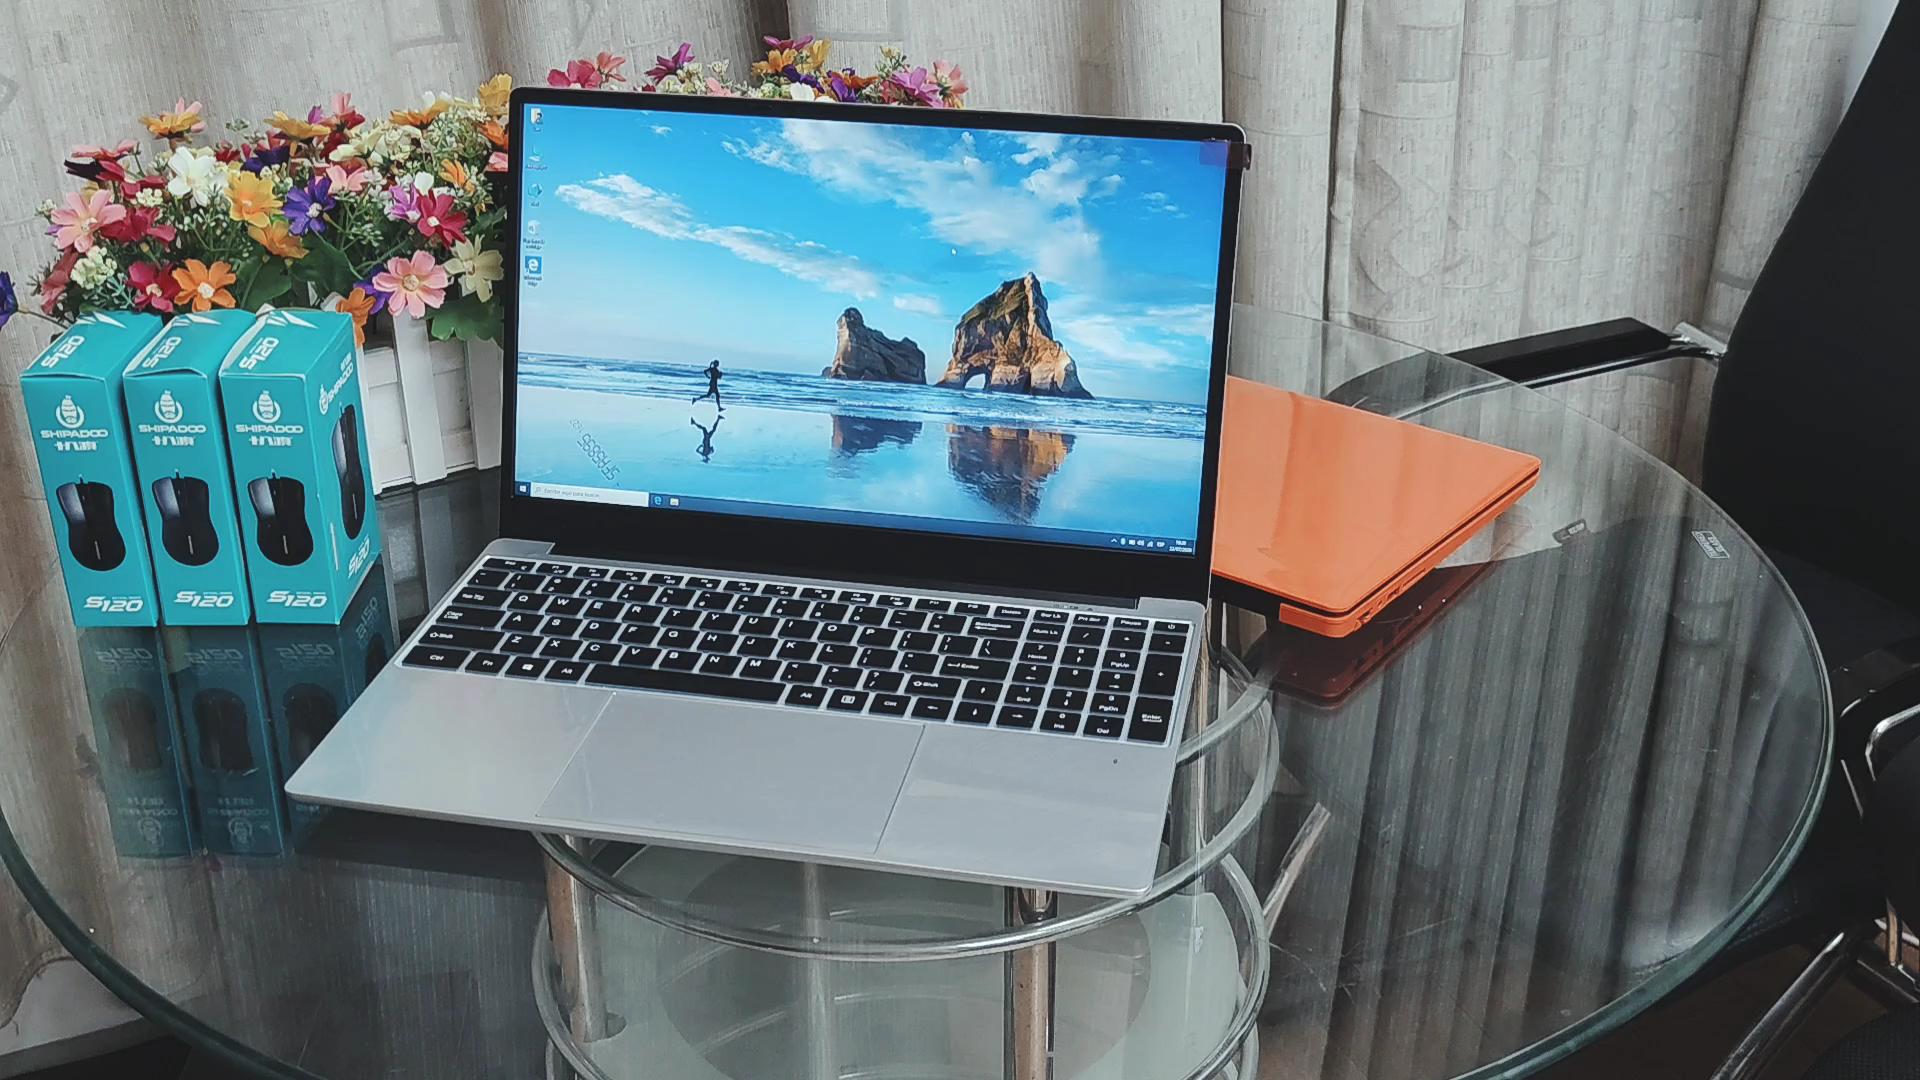 מחשב נייד מחשב מחשבי מחשבים ניידים ומחשבים שולחניים 14 13.3 אינץ IPS החדש i9